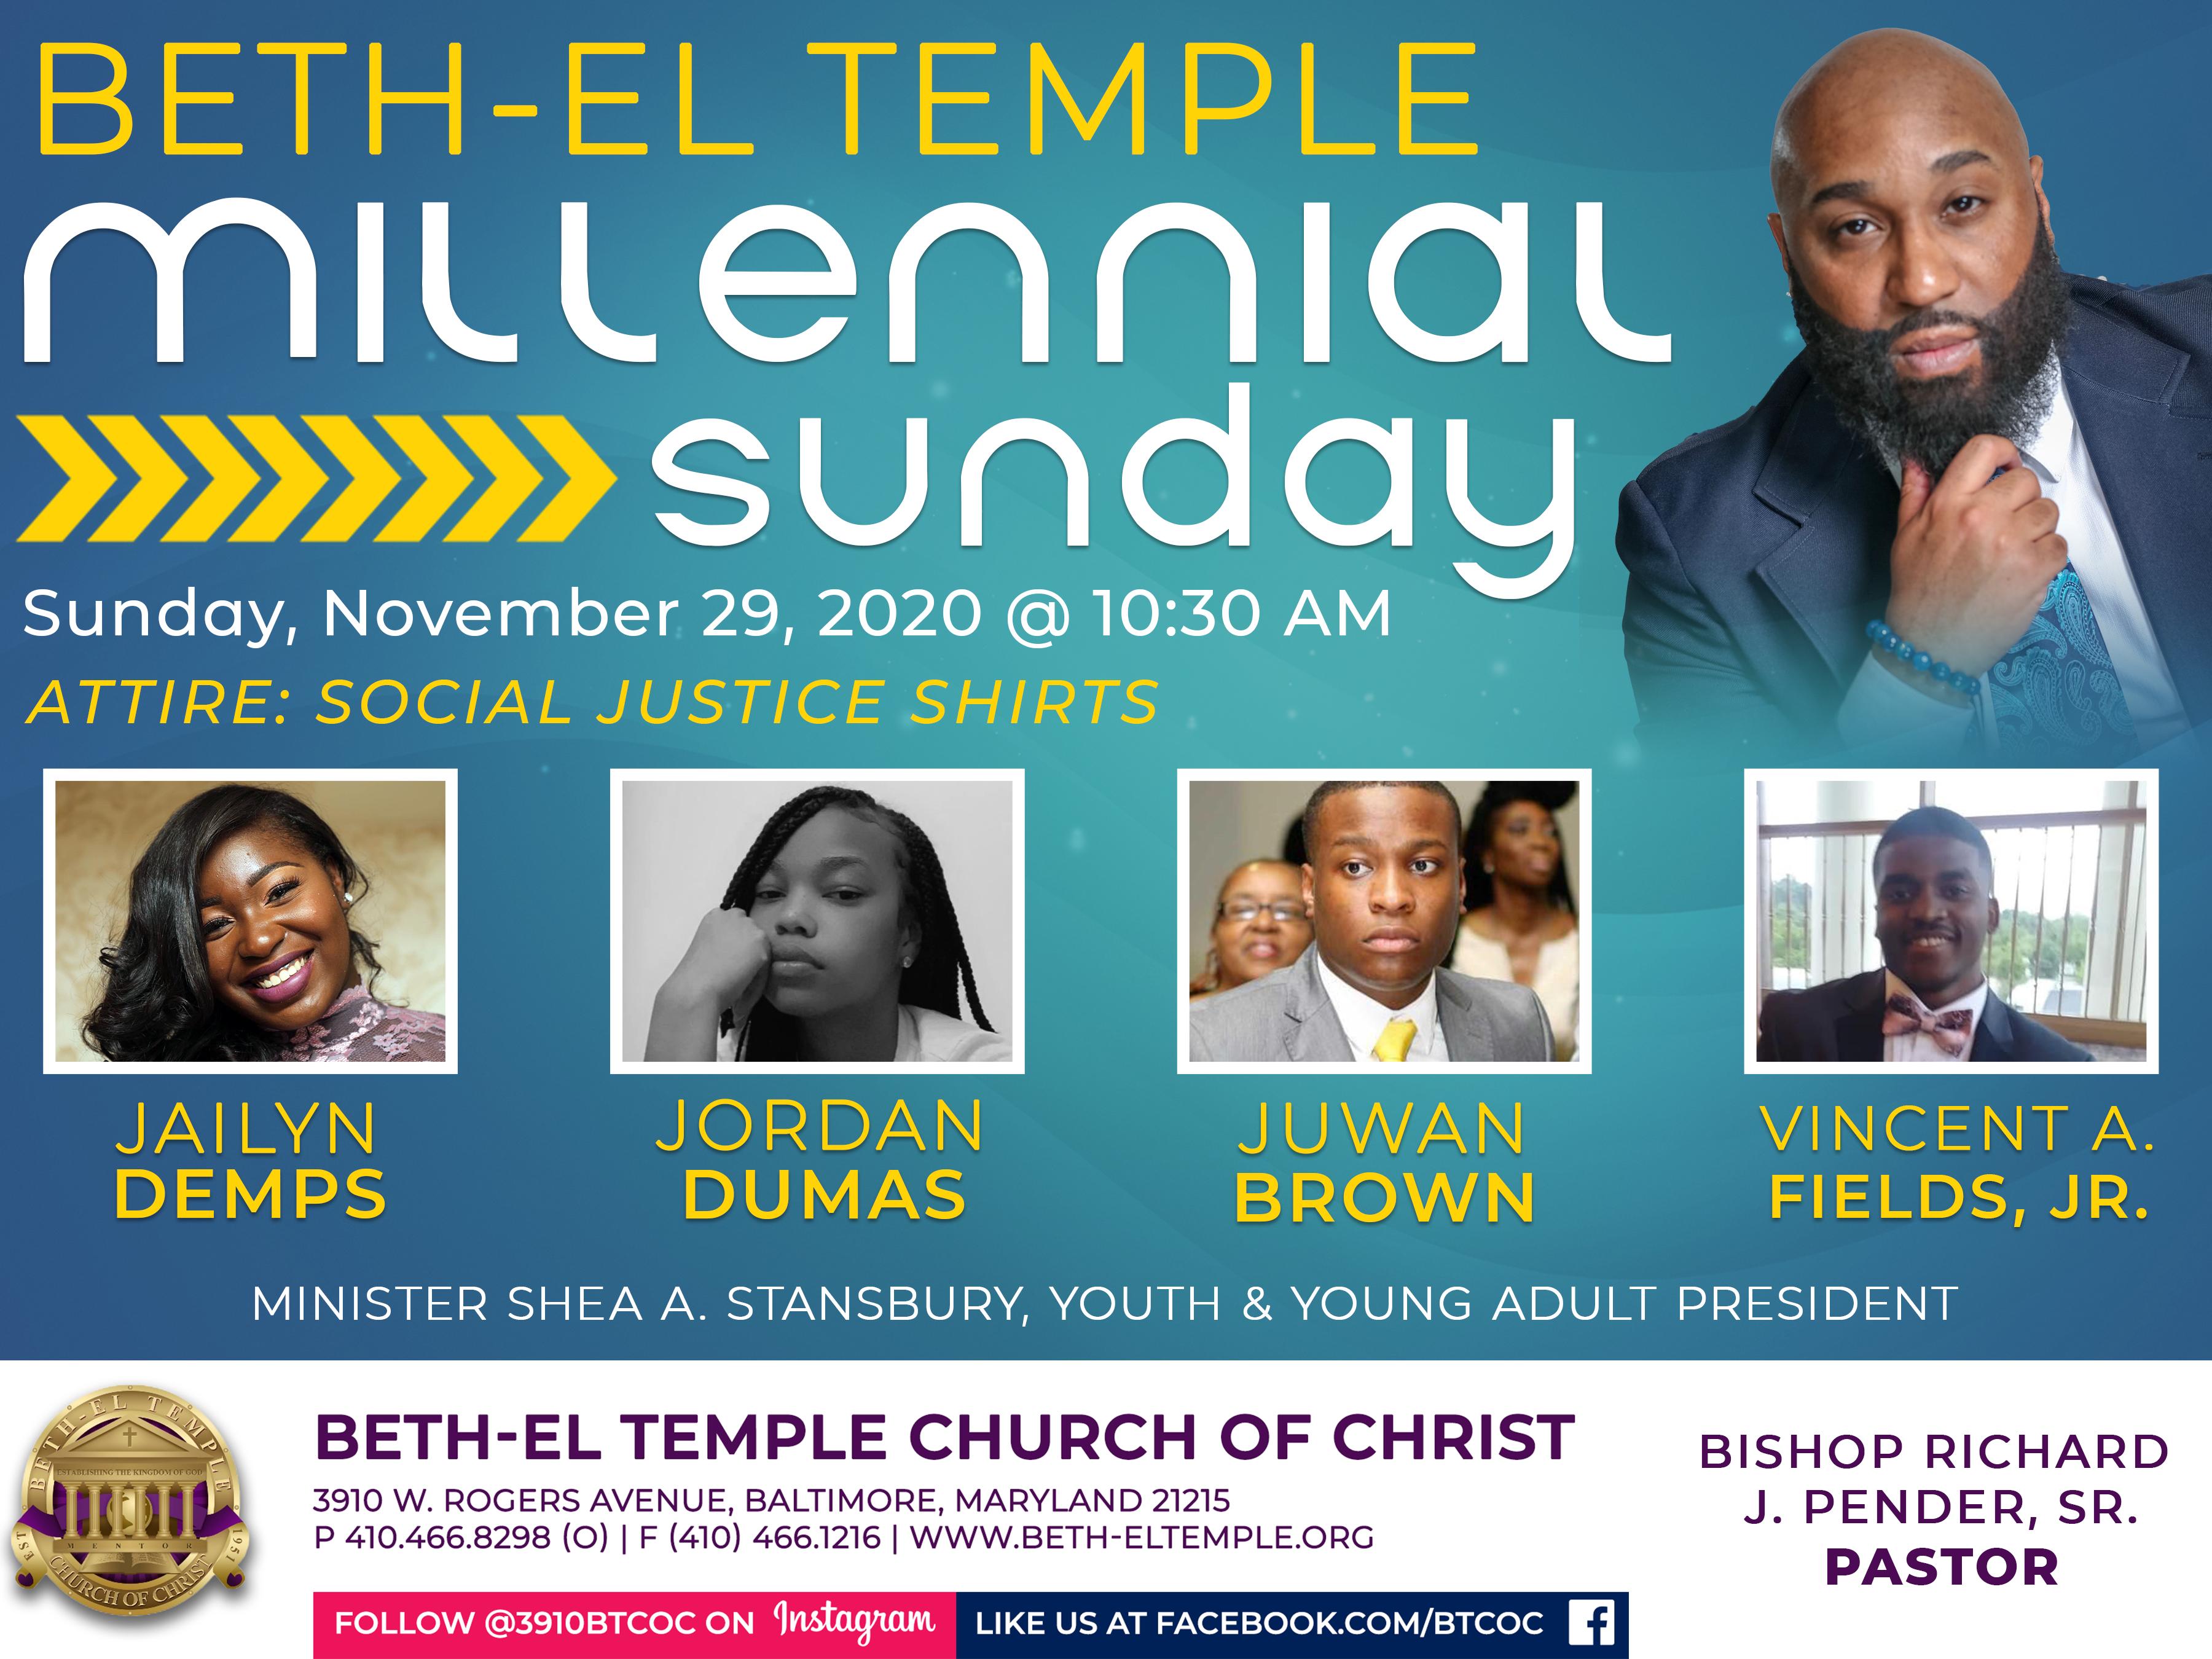 Millennial Sunday